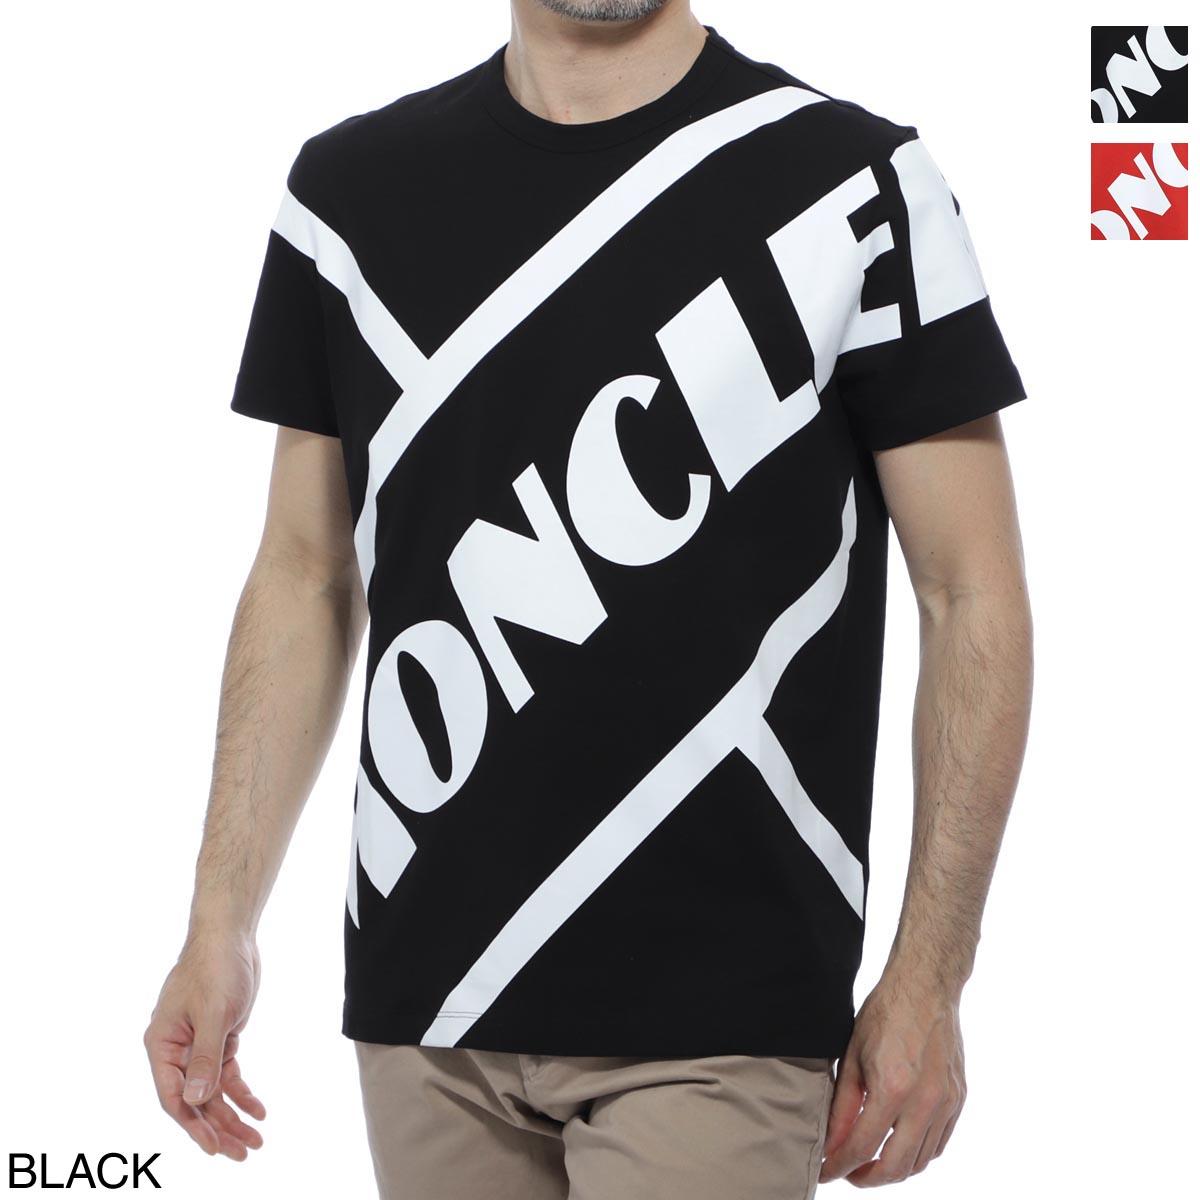 モンクレール MONCLER クルーネックTシャツ メンズ カットソー 8c70610 8390t 999 MAGLIA T-SHIRT【あす楽対応_関東】【返品送料無料】【ラッピング無料】